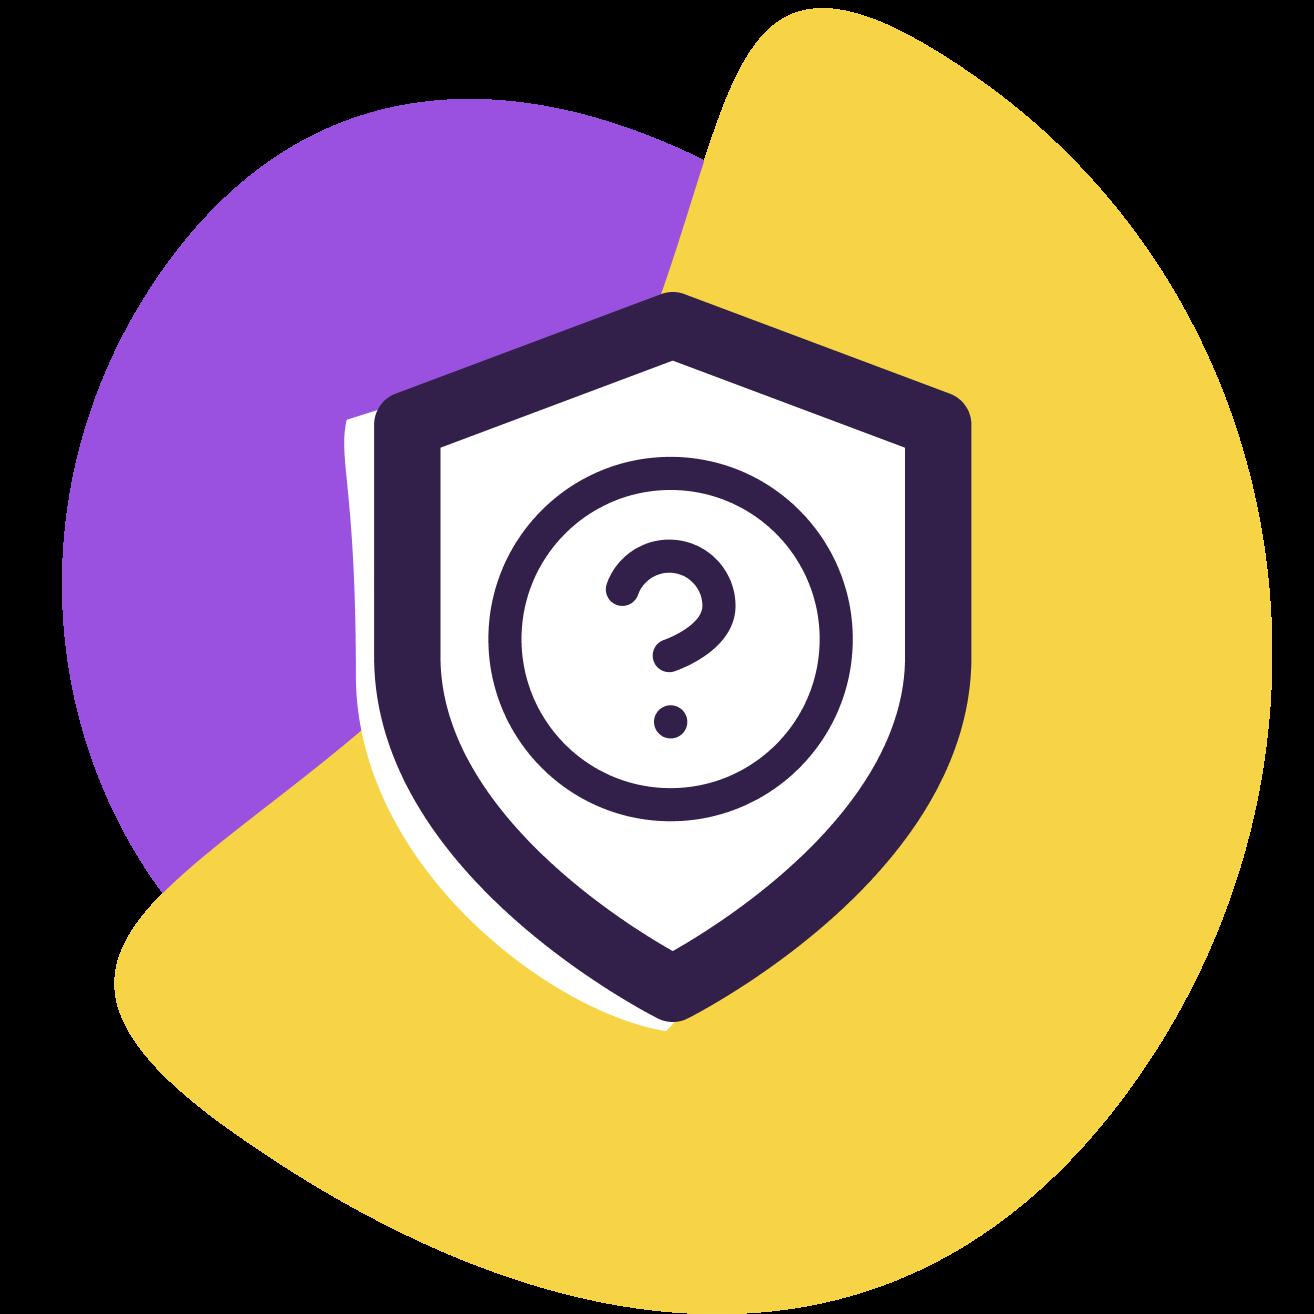 Ilustração de um escudo com um símbolo de interrogação dentro e, atrás, formas geométricas roxa e amarela